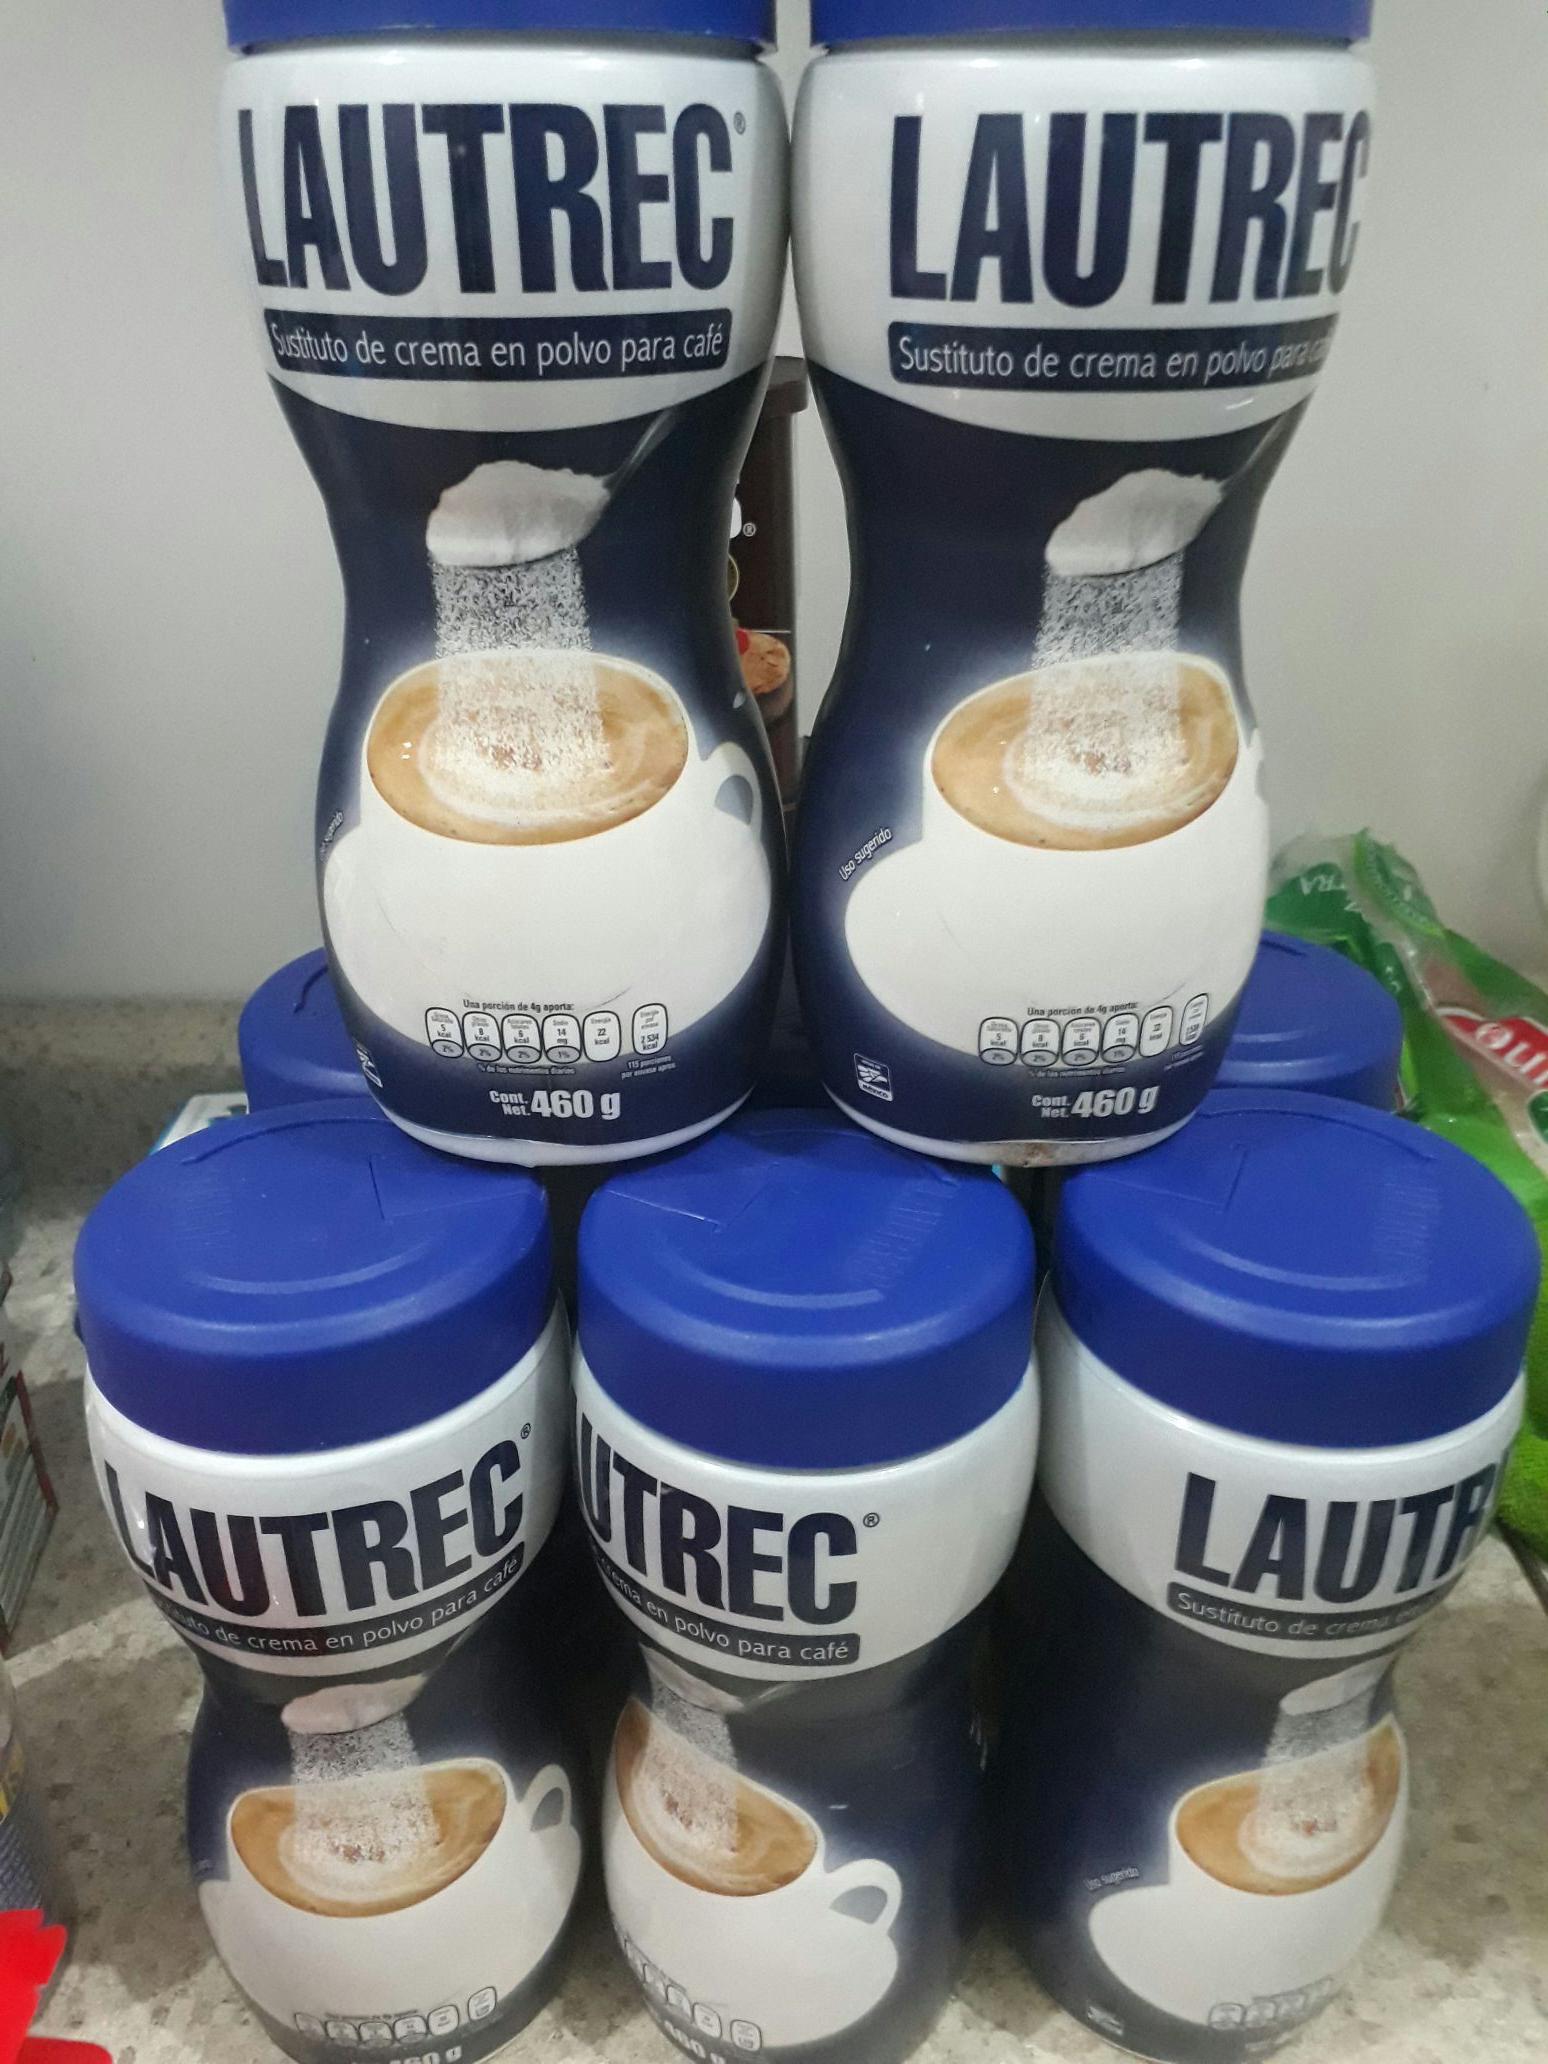 Soriana mercado express sustituto  crema para cafe y otras ofertas  mas